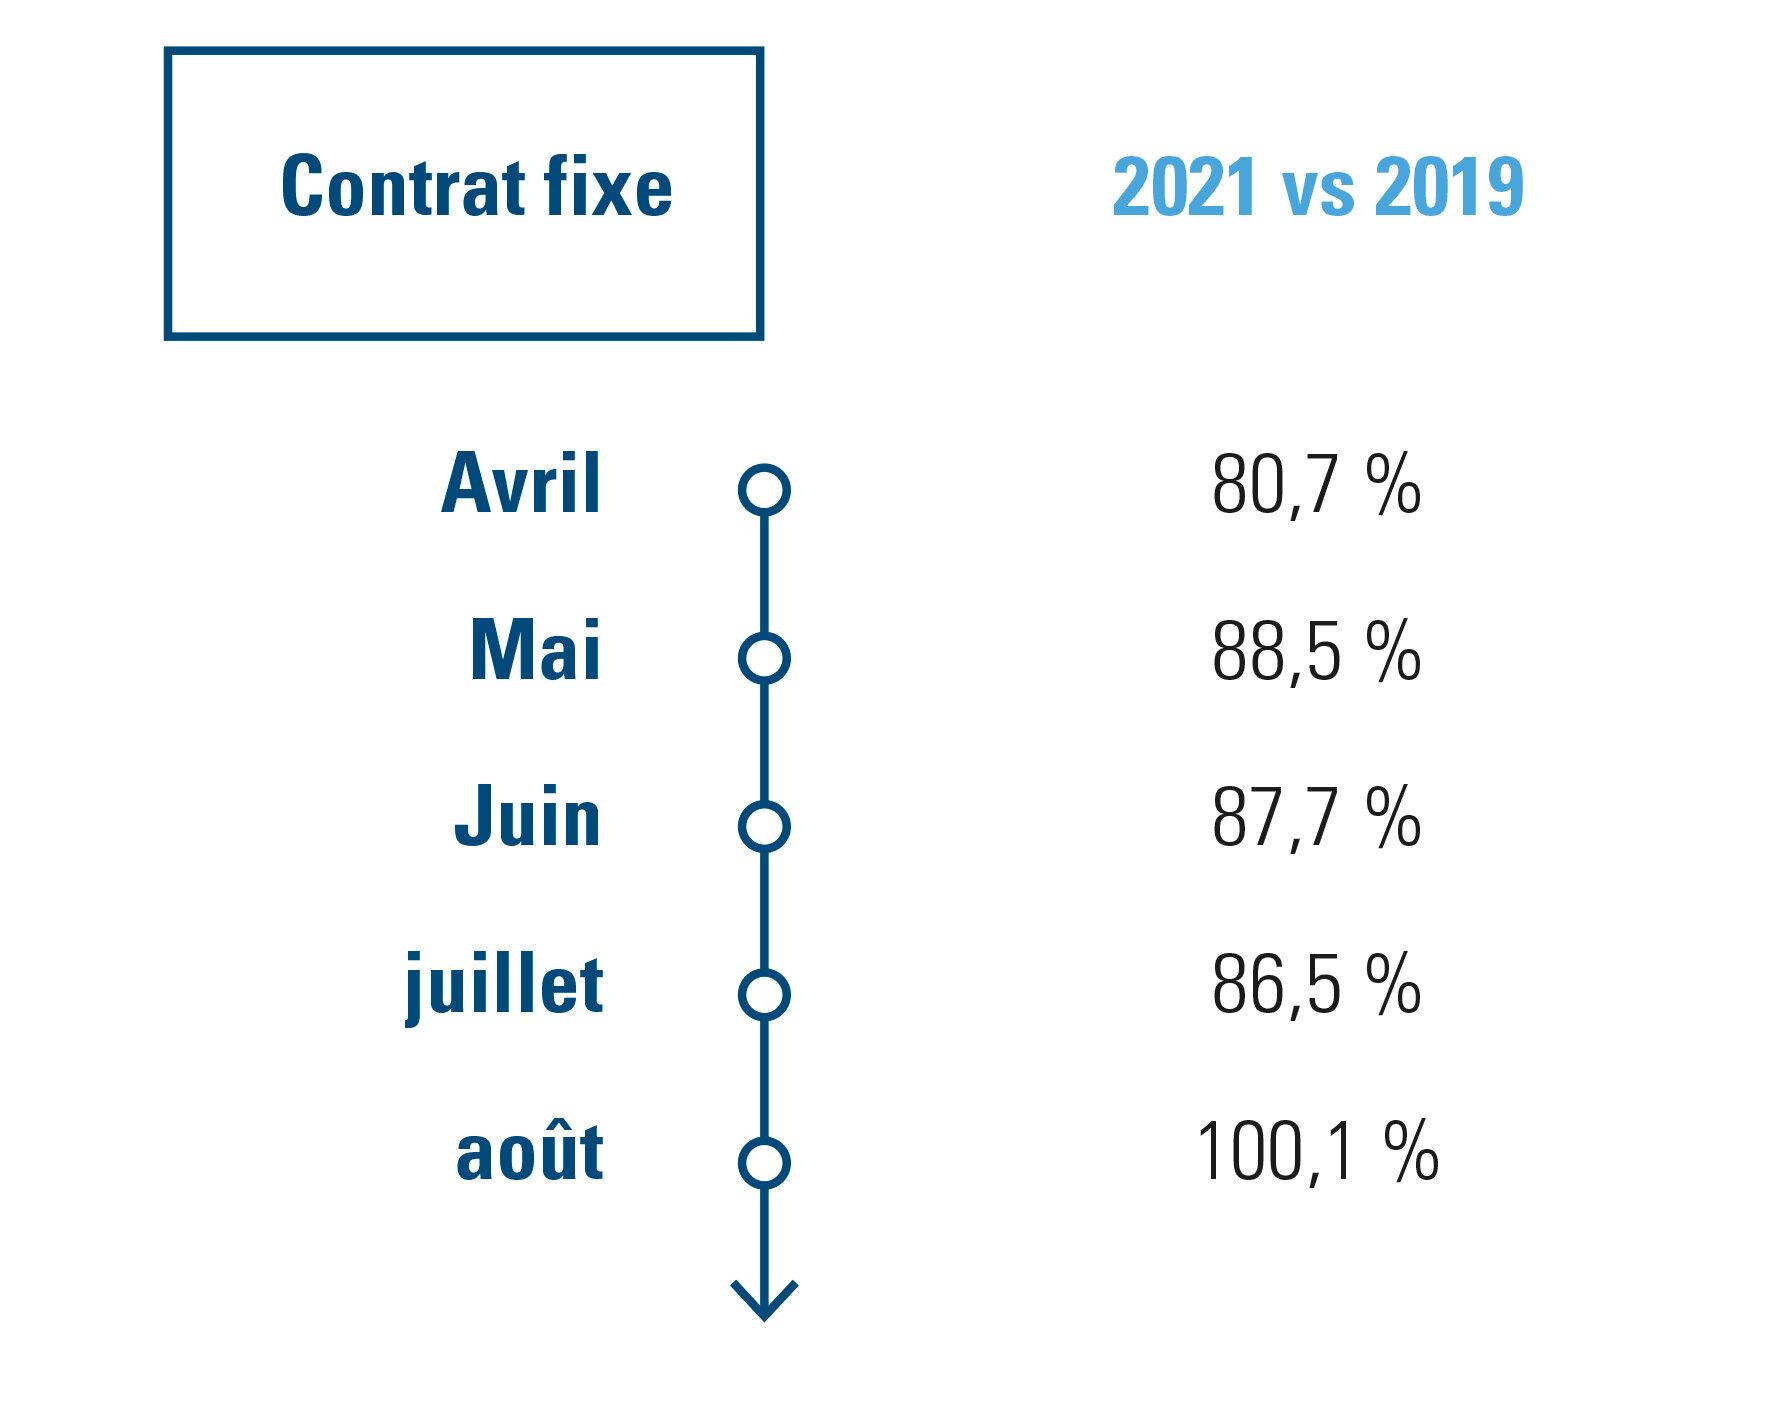 contrats fixes – à durée indéterminée et à durée déterminée – établissements de restauration et débits de boissons en 2021 vs 2019